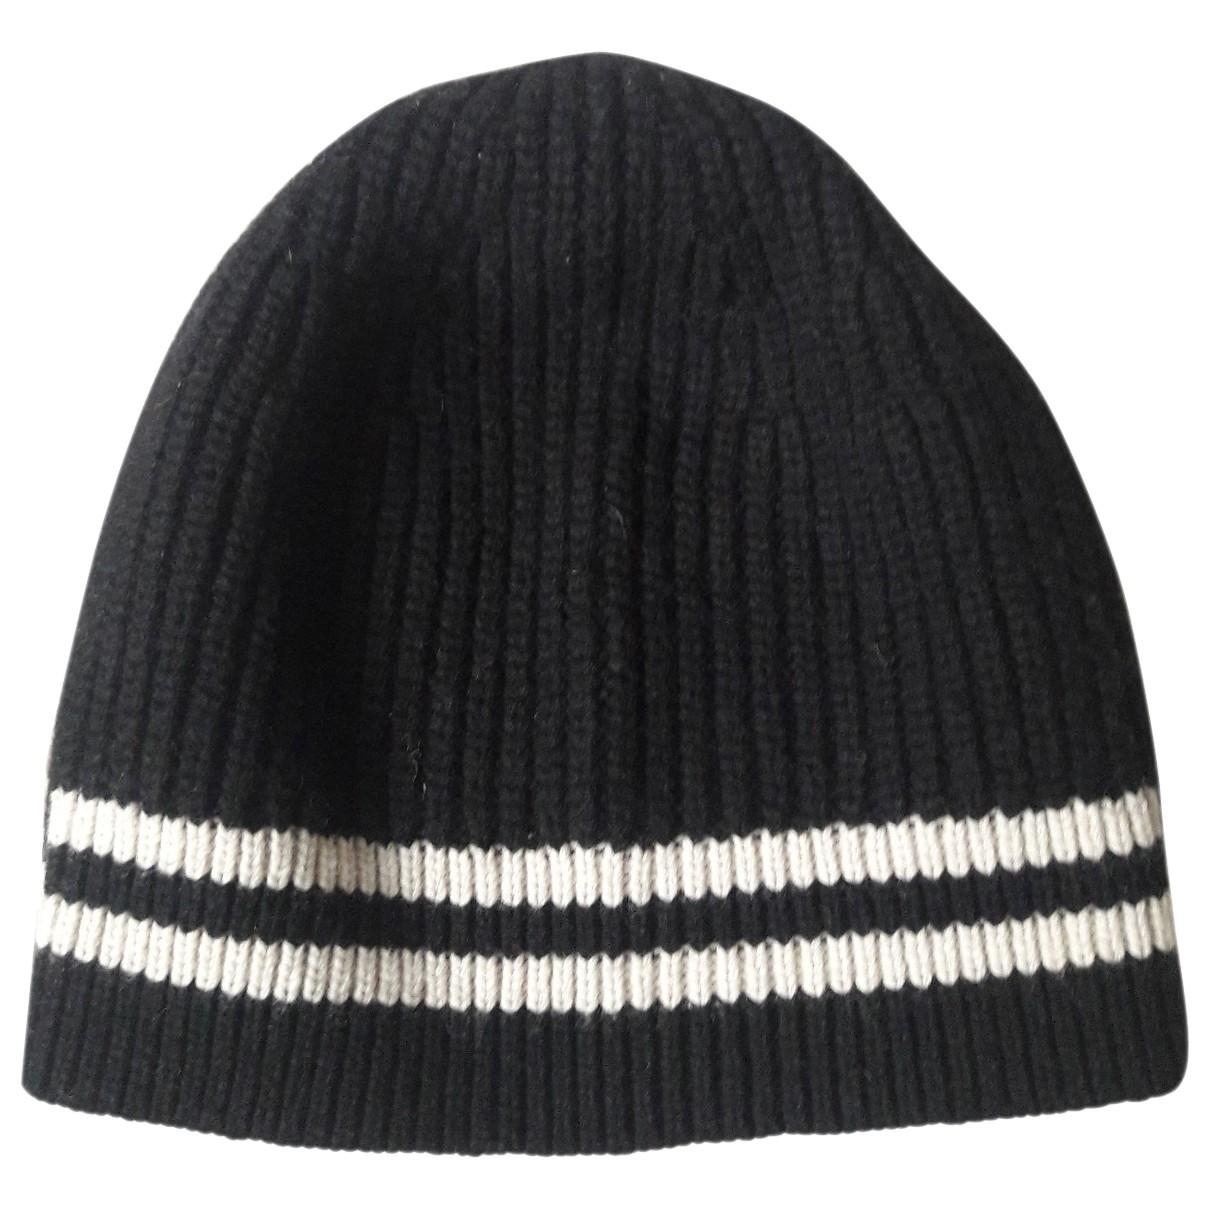 All Saints - Chapeau & Bonnets   pour homme en laine - noir